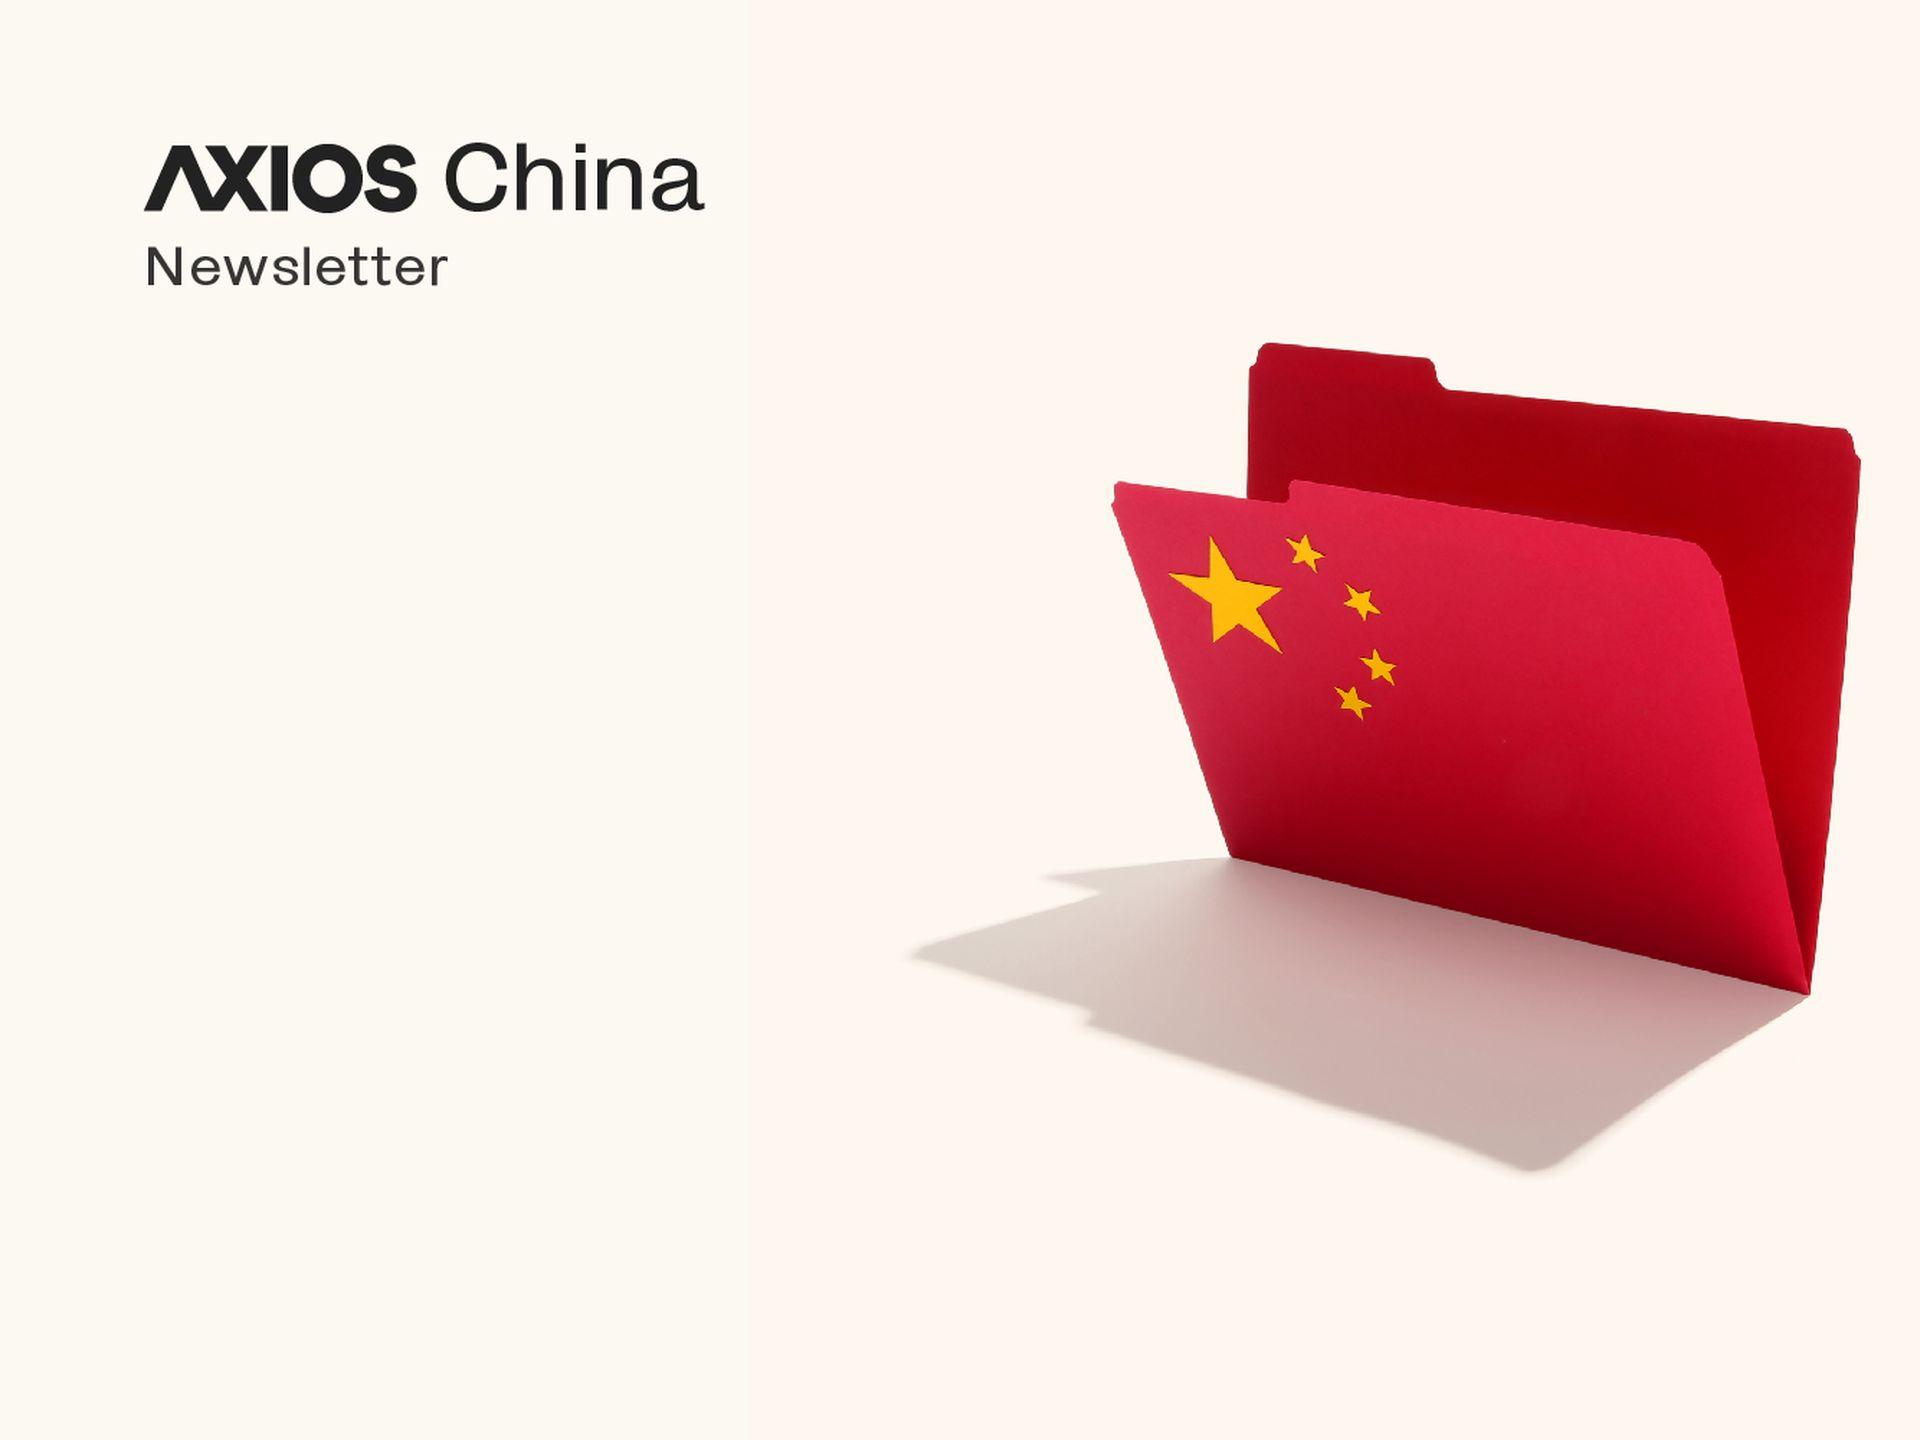 Axios China - May 10, 2019 - Axios